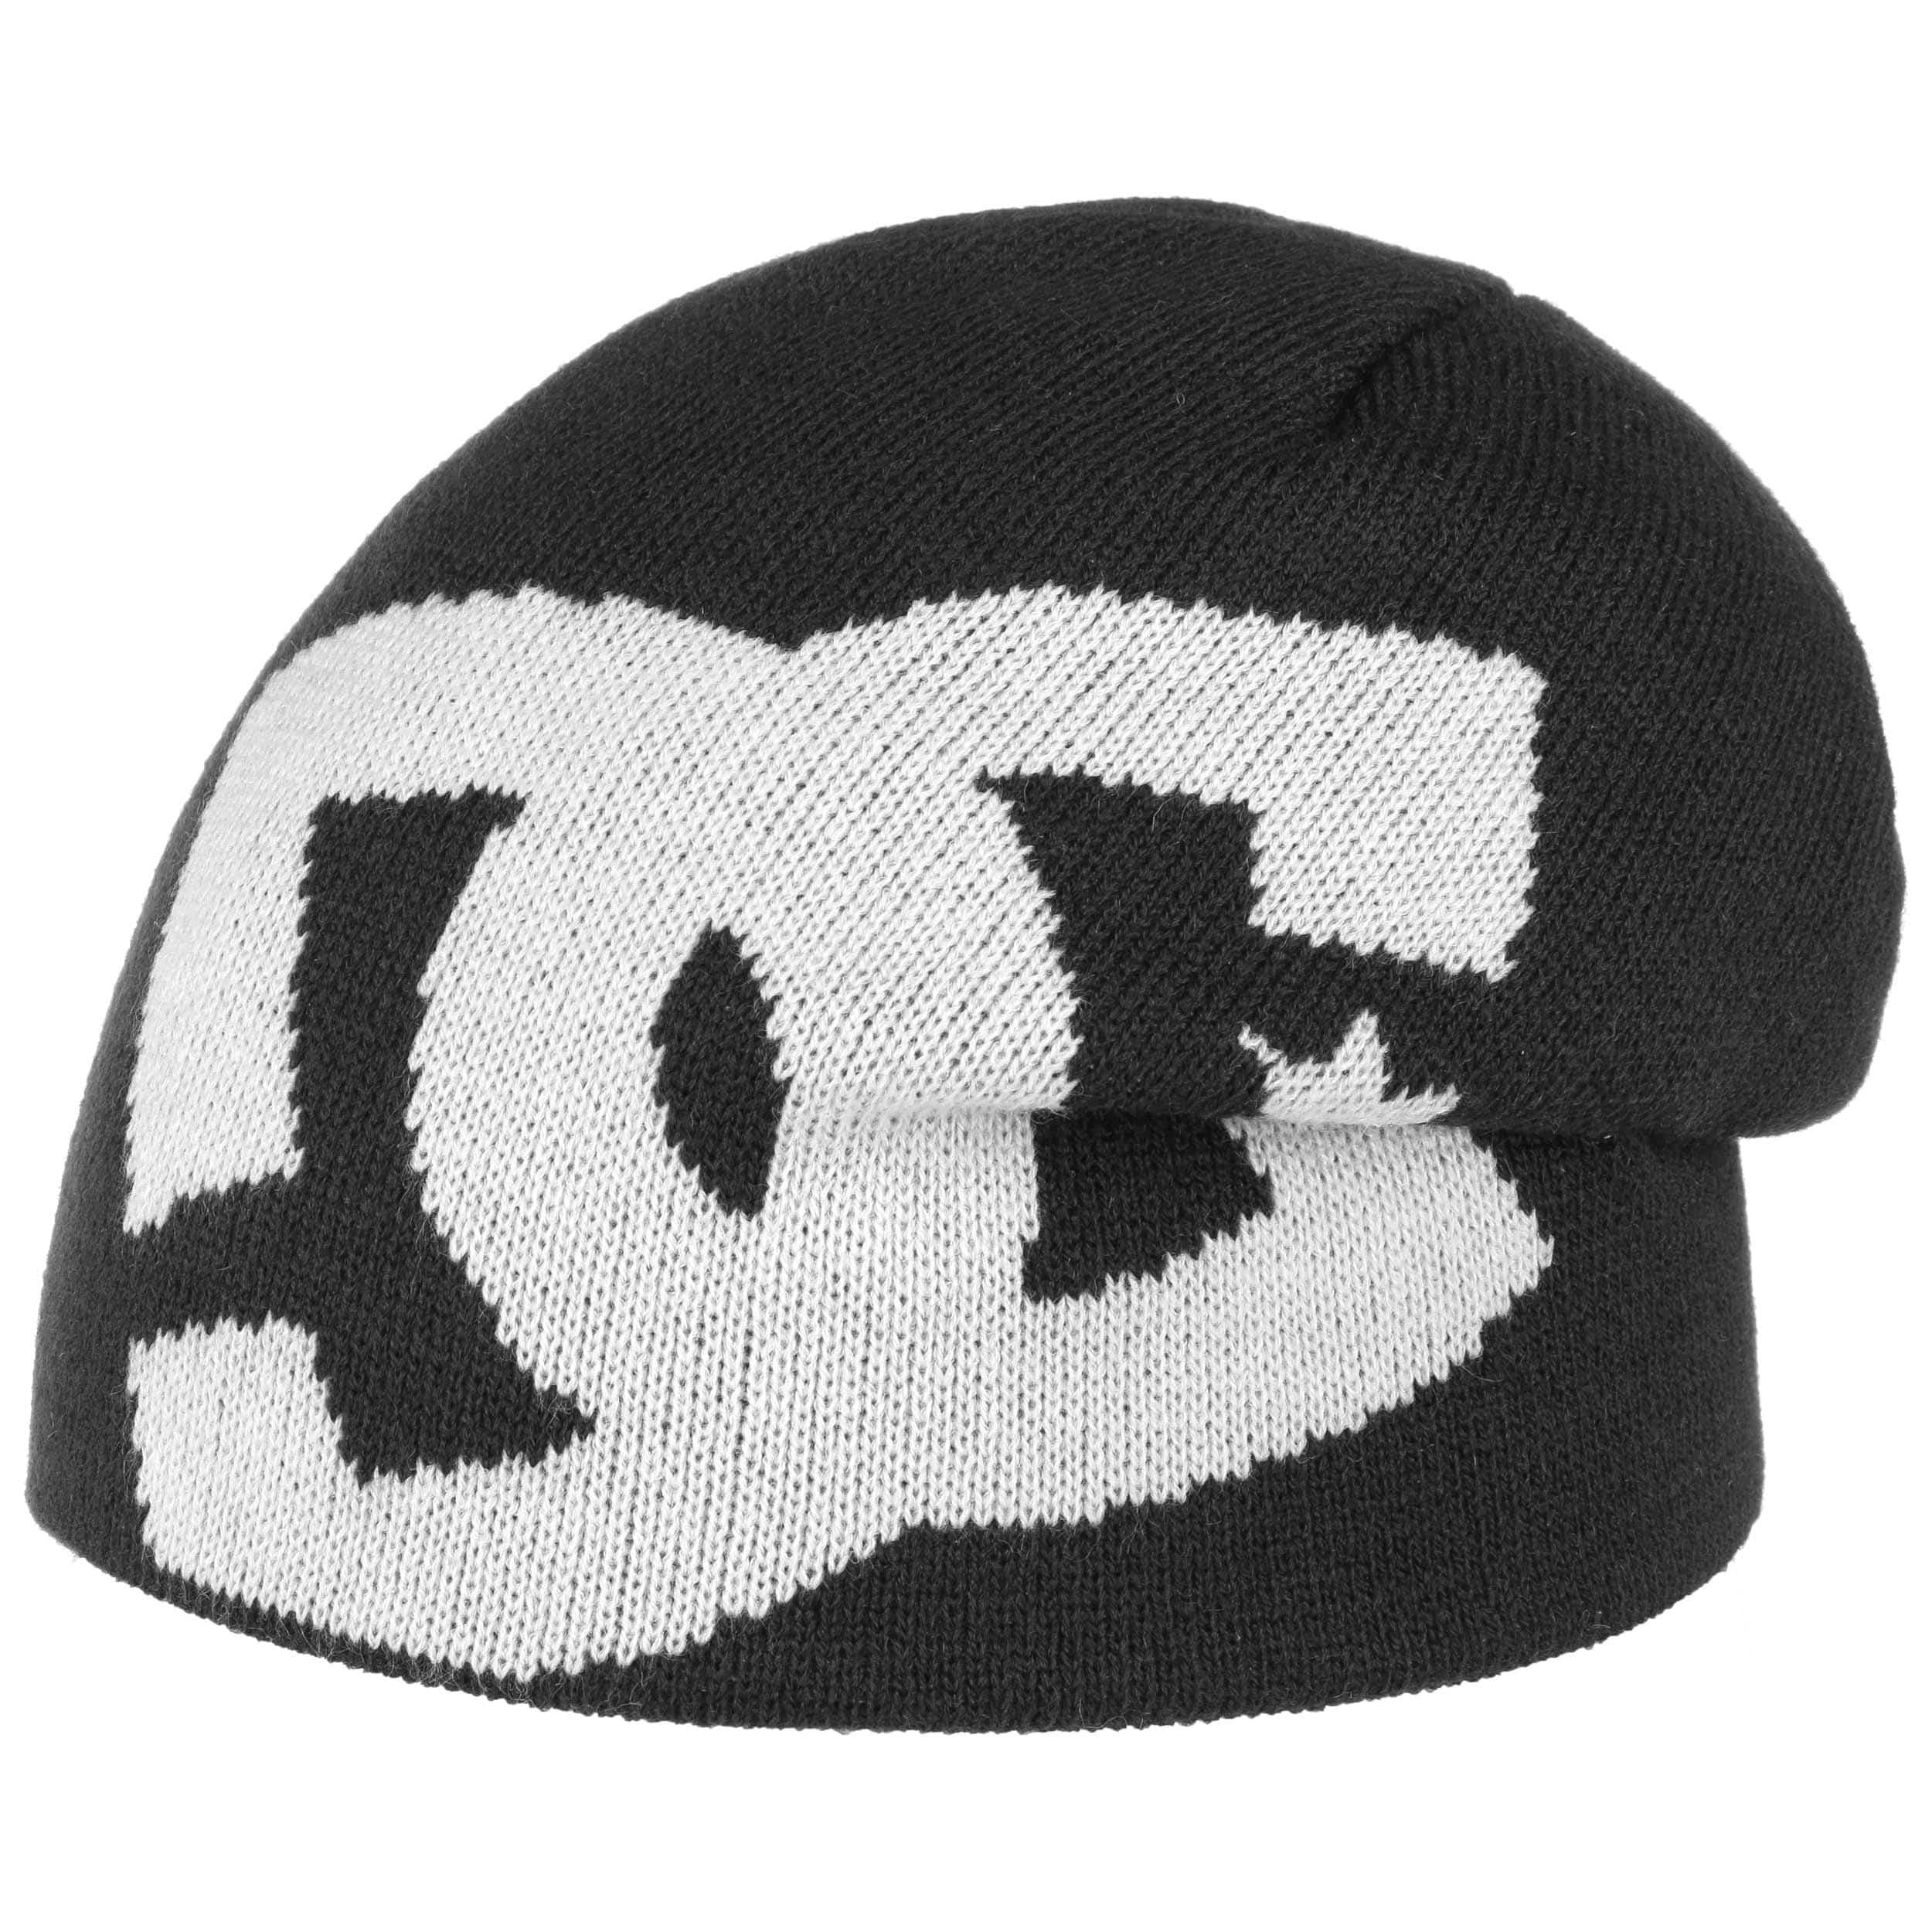 bonnet beanie big star by dc shoes co noir famous brand 56dd8 1c660 ... 4a6ab93df97